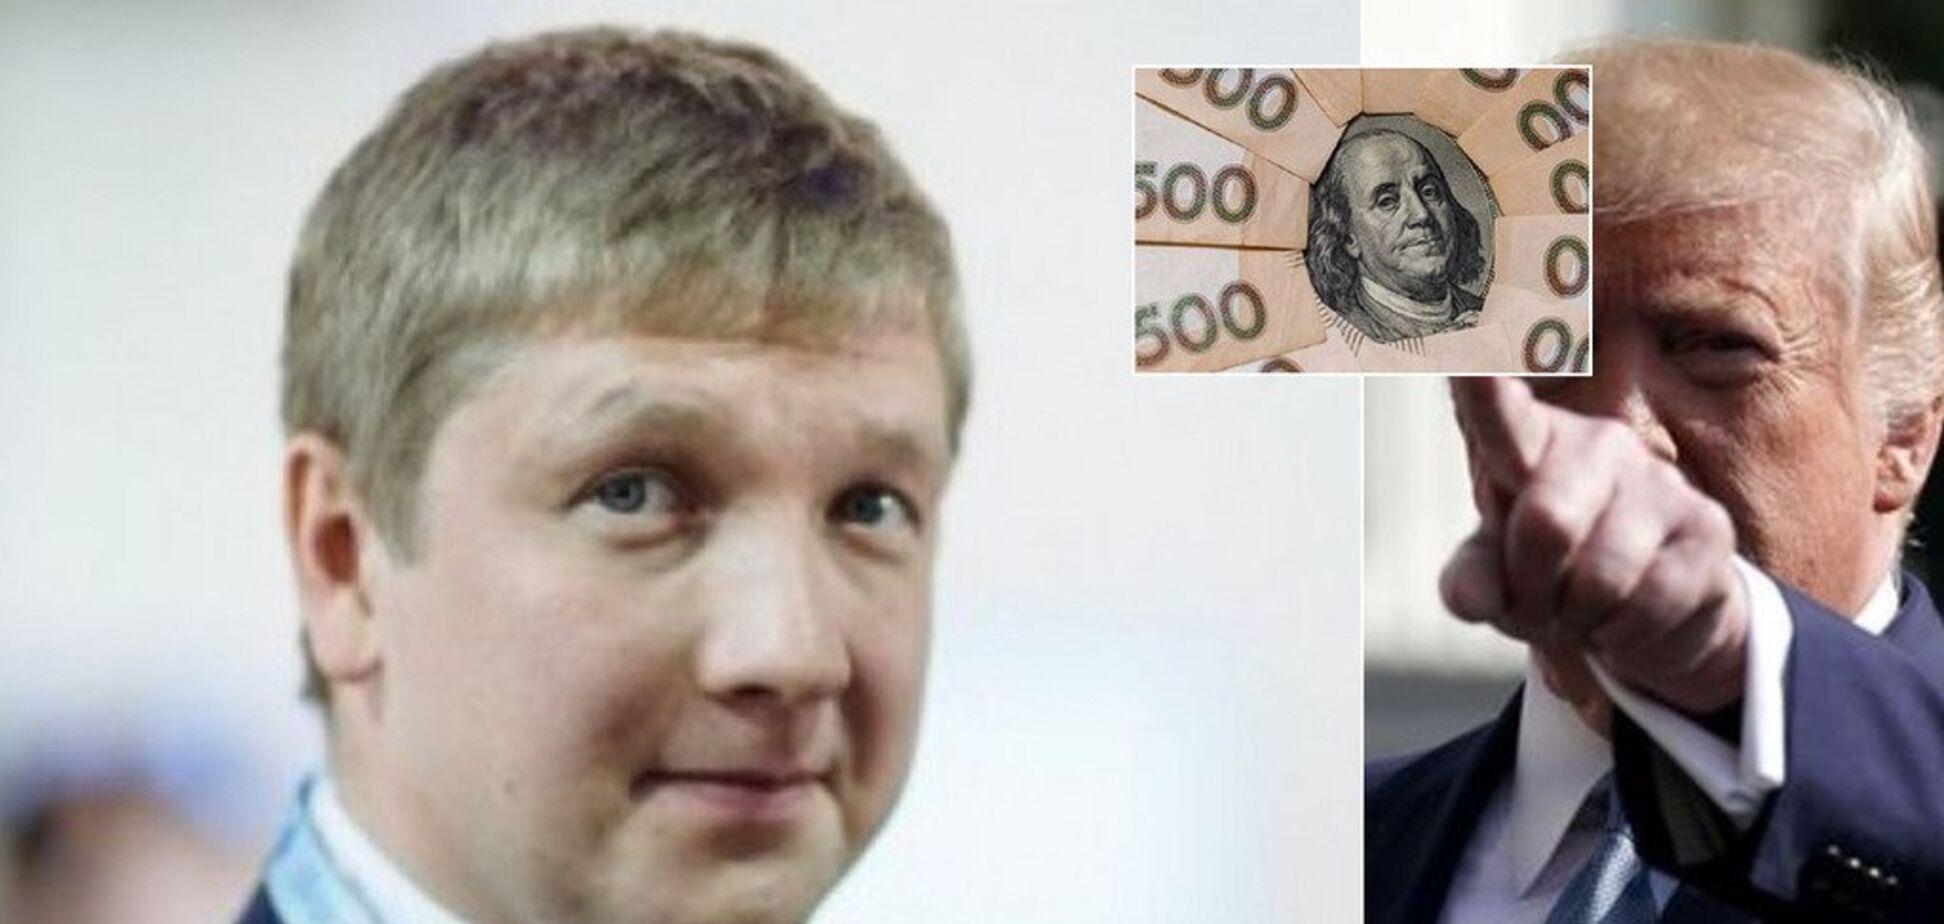 Больше, чем Меркель и Трамп: сколько получают украинские топ-чиновники и почему это слишком много